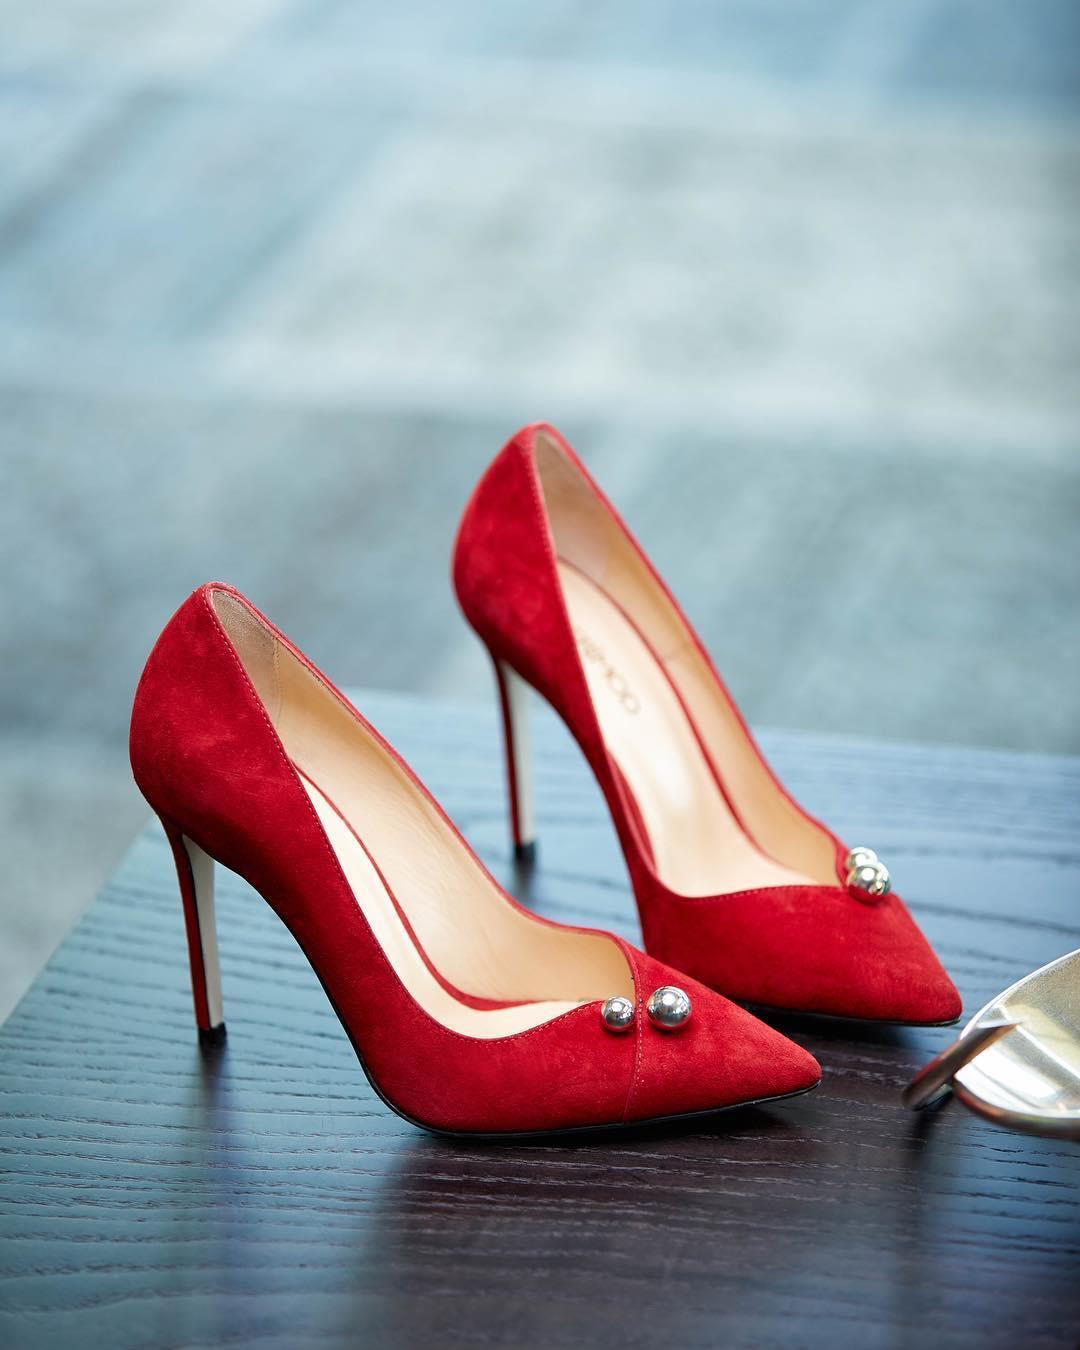 #newseason #yournextshoes #der